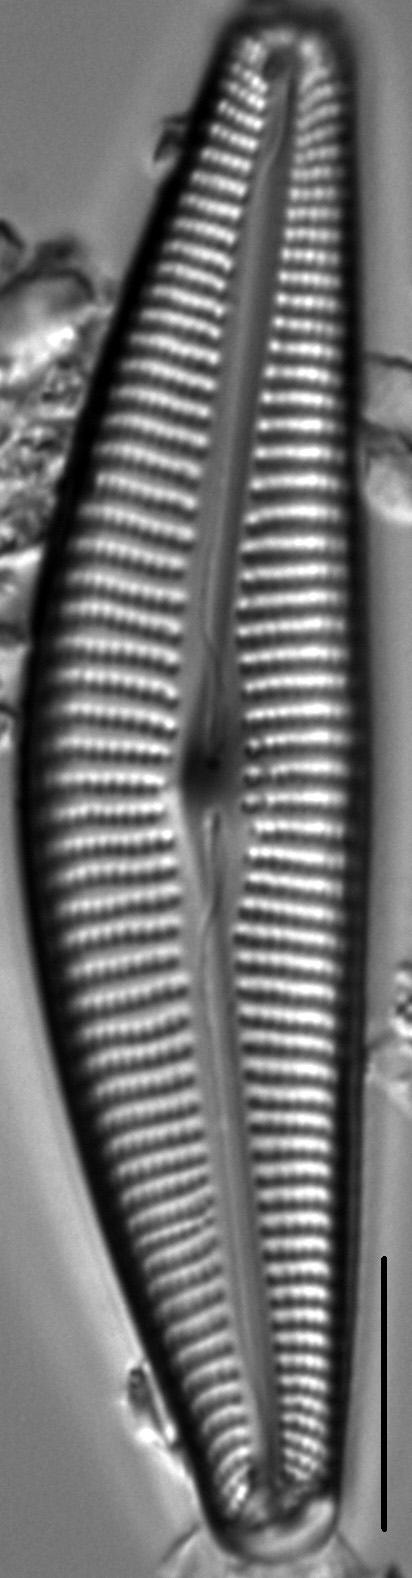 Cymbella maggiana LM5